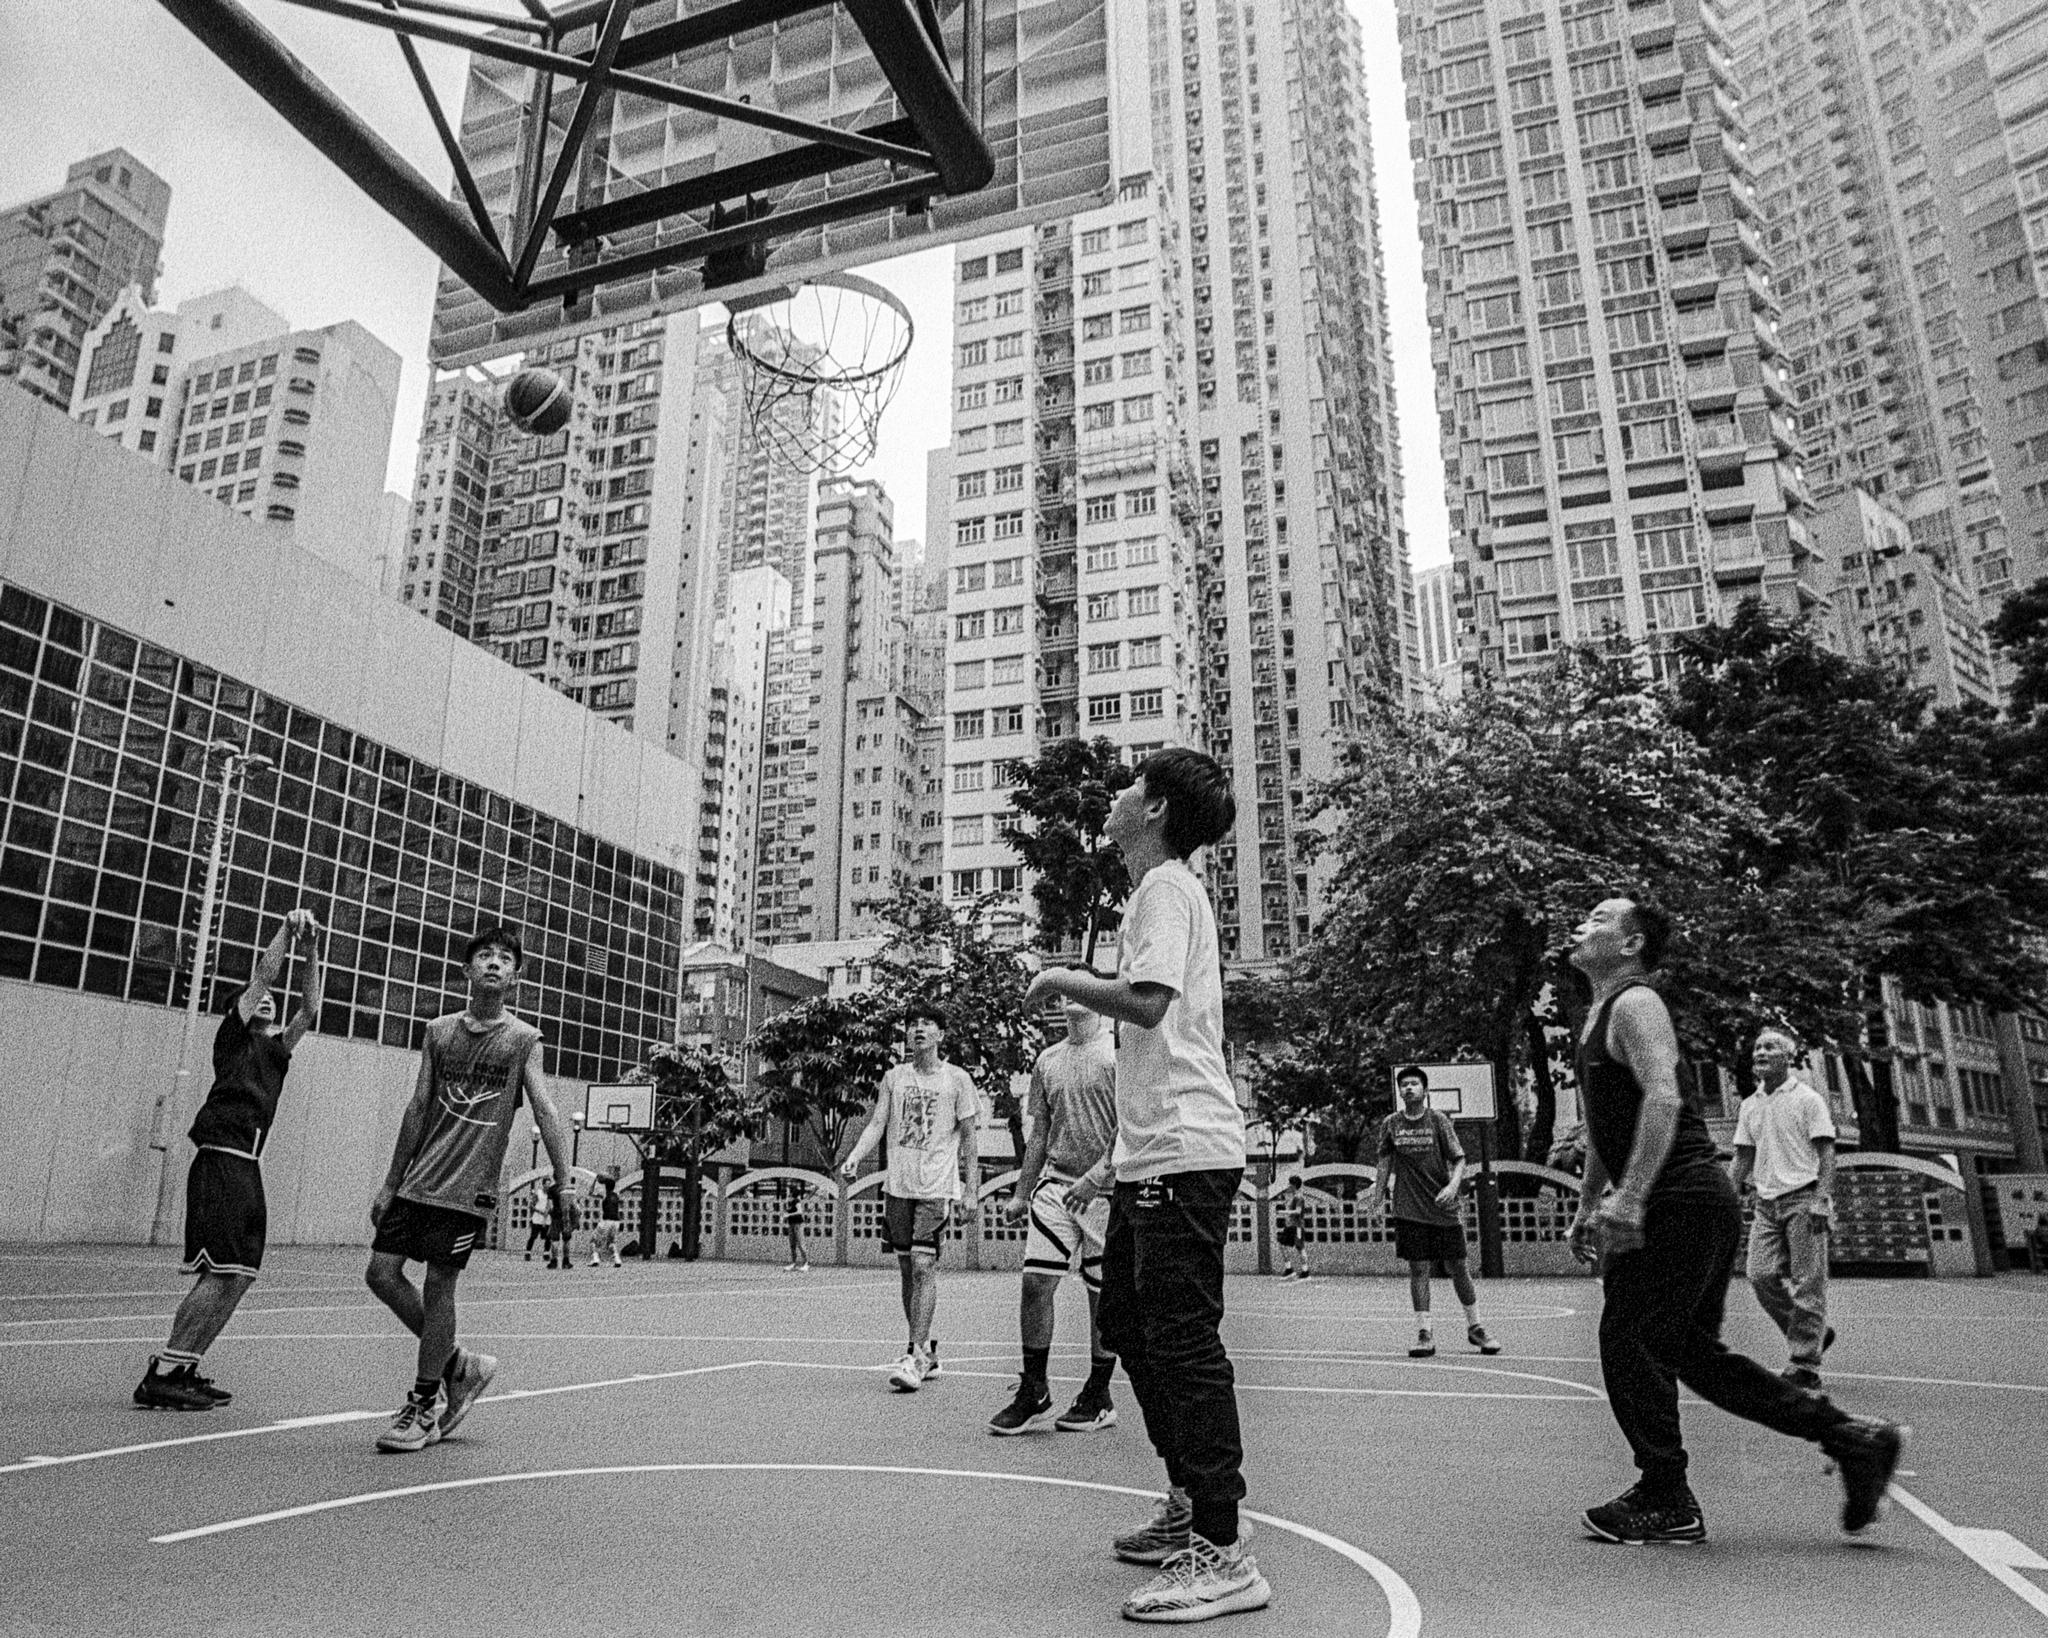 15. Basketball in Wanchai